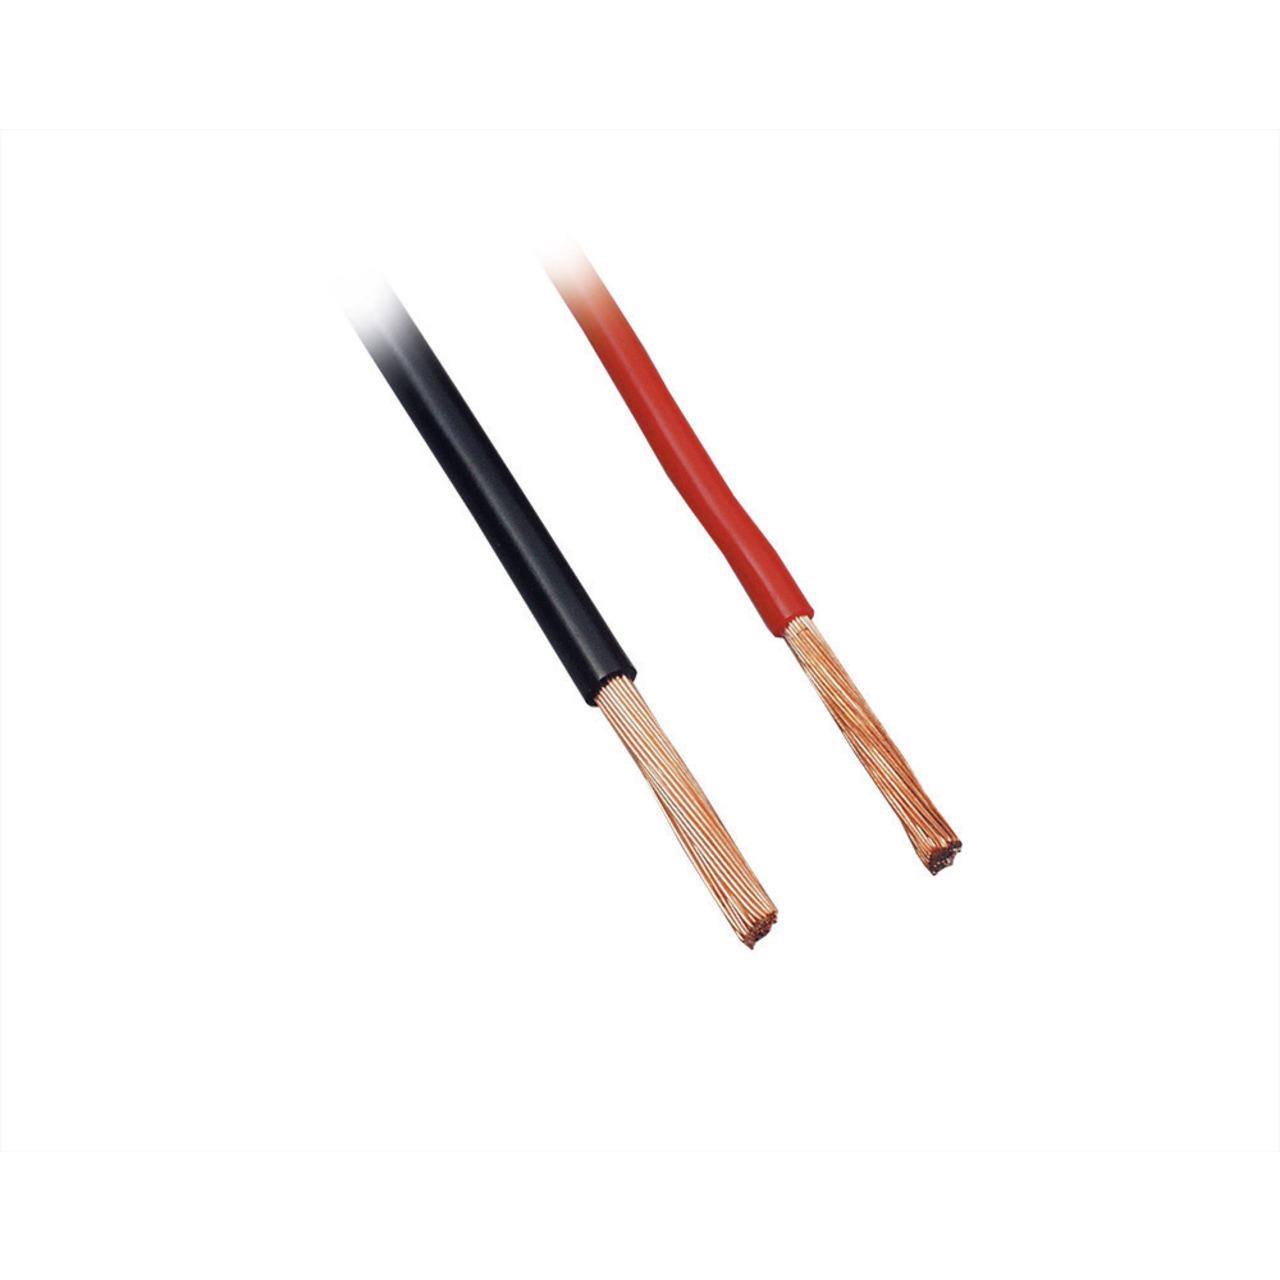 BKL Electronic FLRY Fahrzeugleitung- - 1-70 mm - 2-40 mm- (1 x 1-50 mm-)- schwarz- 25m Ring